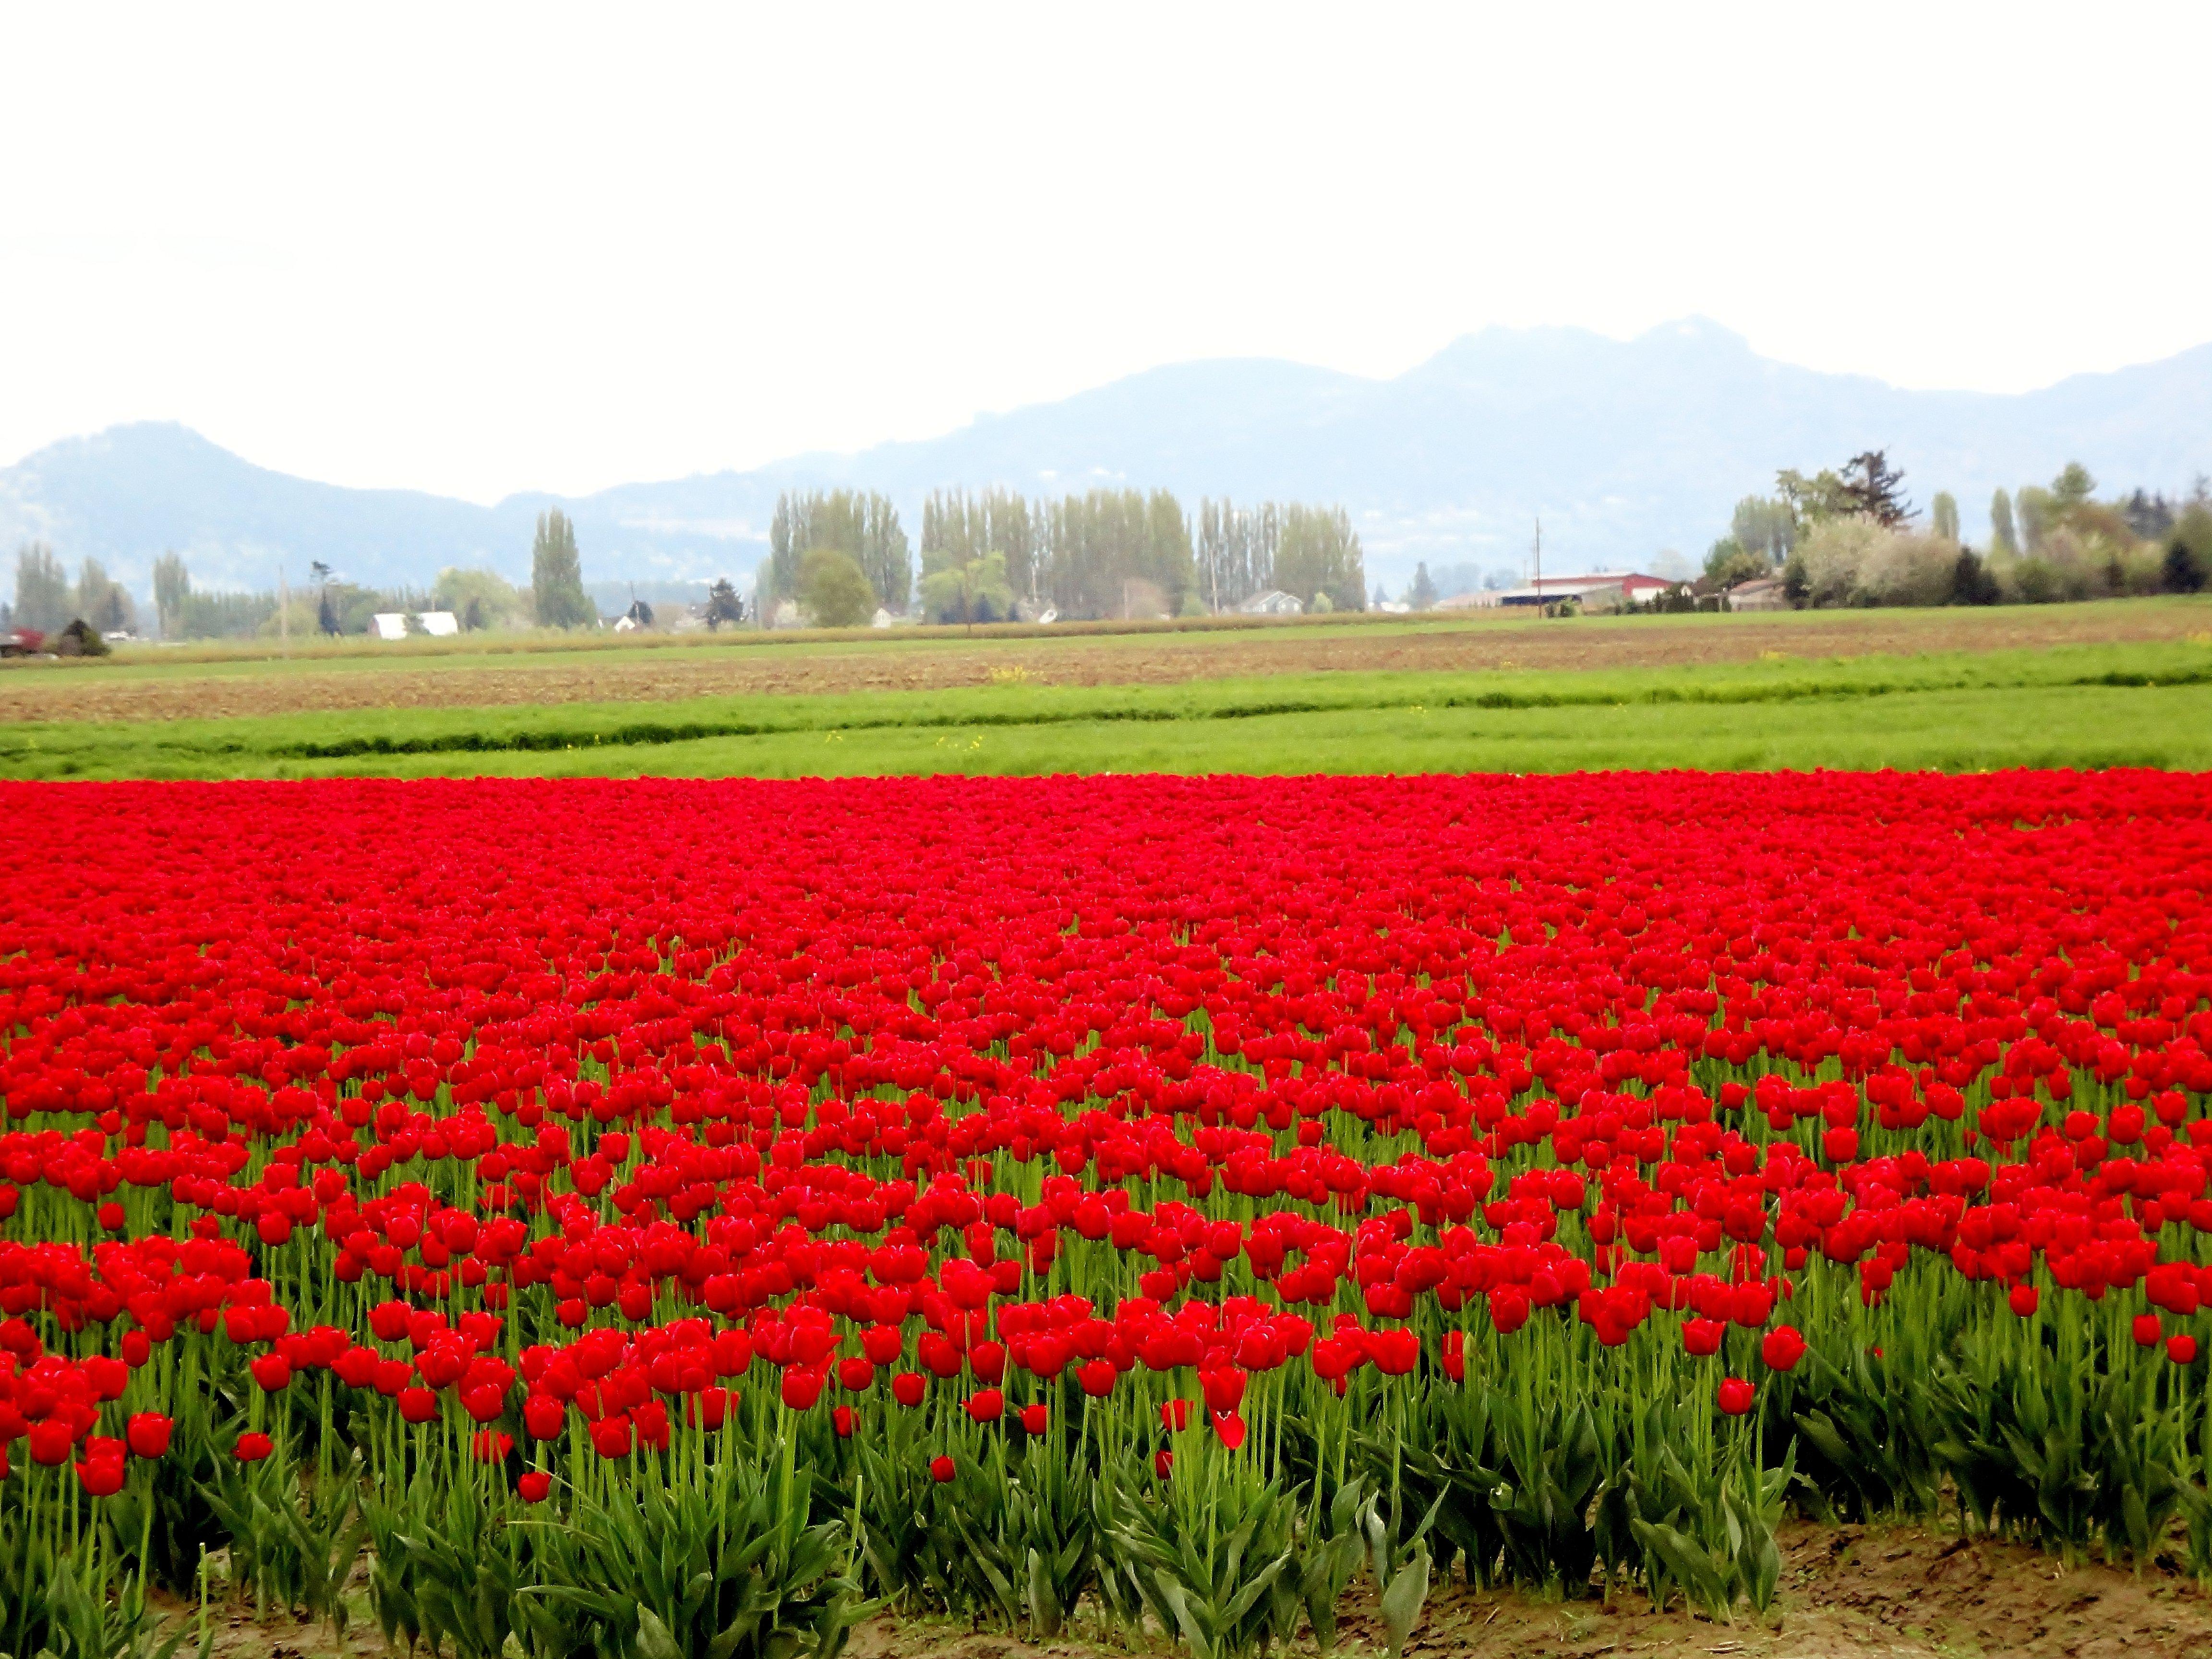 Tulip Fields Tulips Field Flower Flowers Wallpaper 4608x3456 428144 Wallpaperup